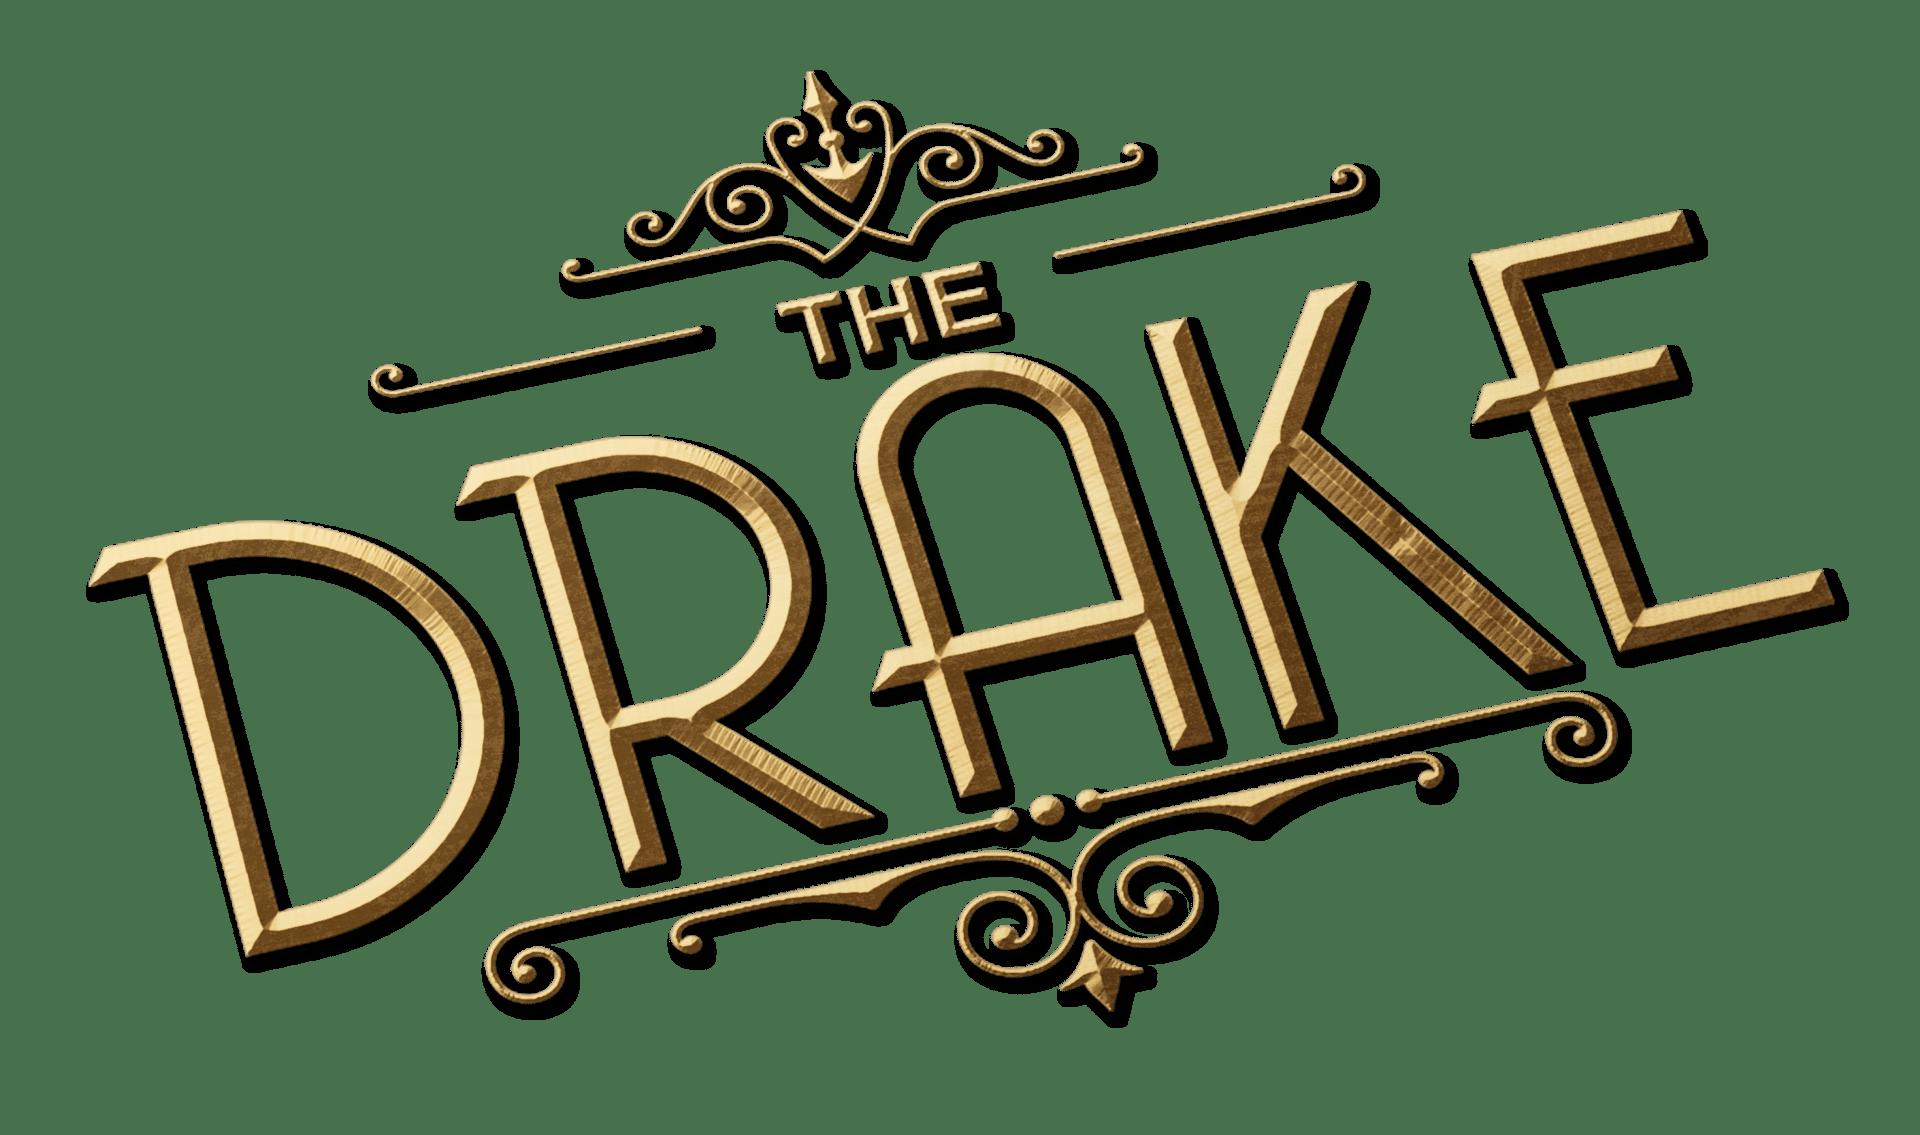 the drake gold logo